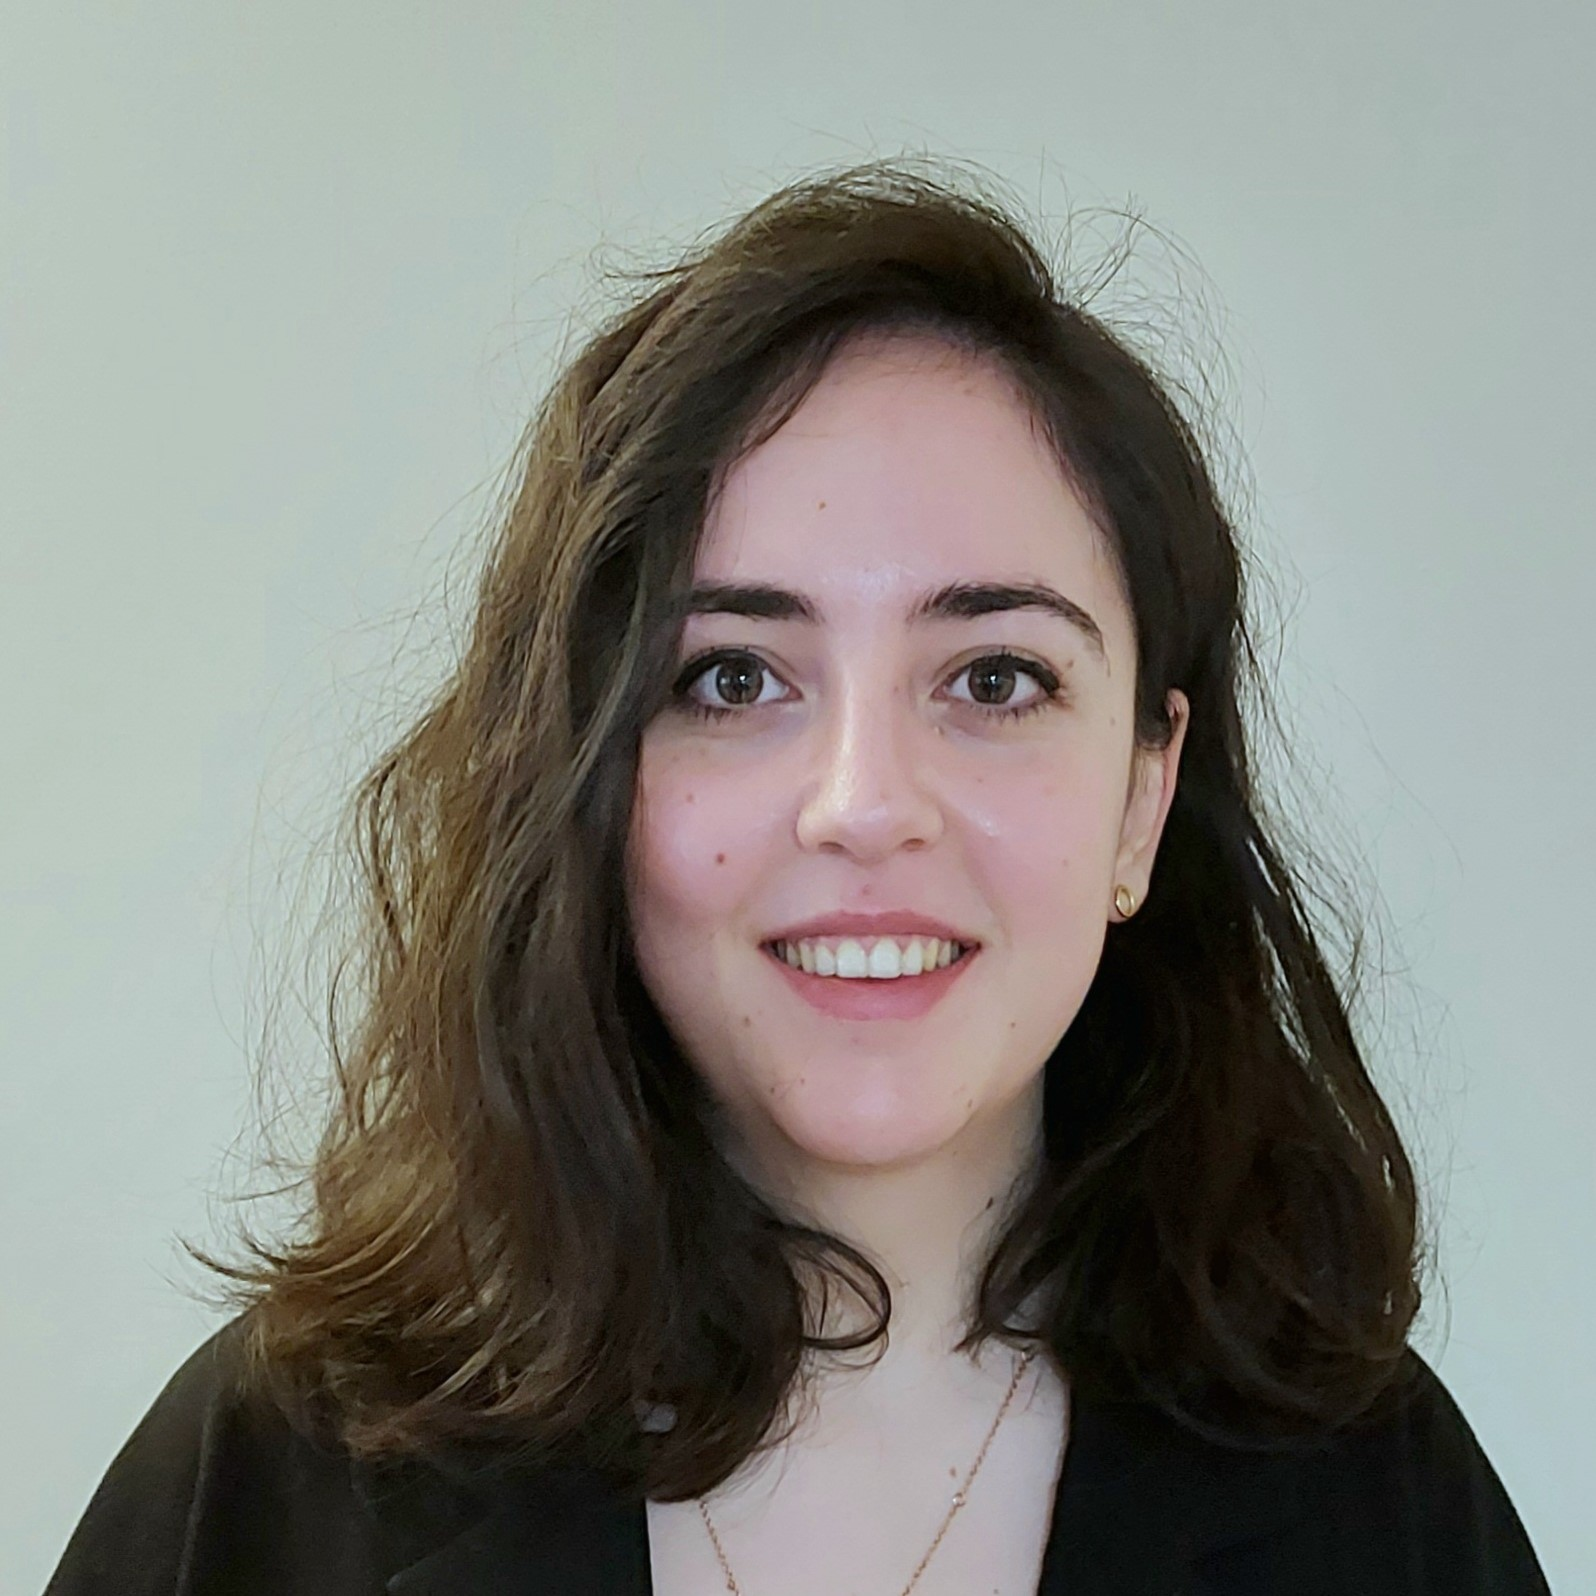 profile picture of susana hijazi vicente